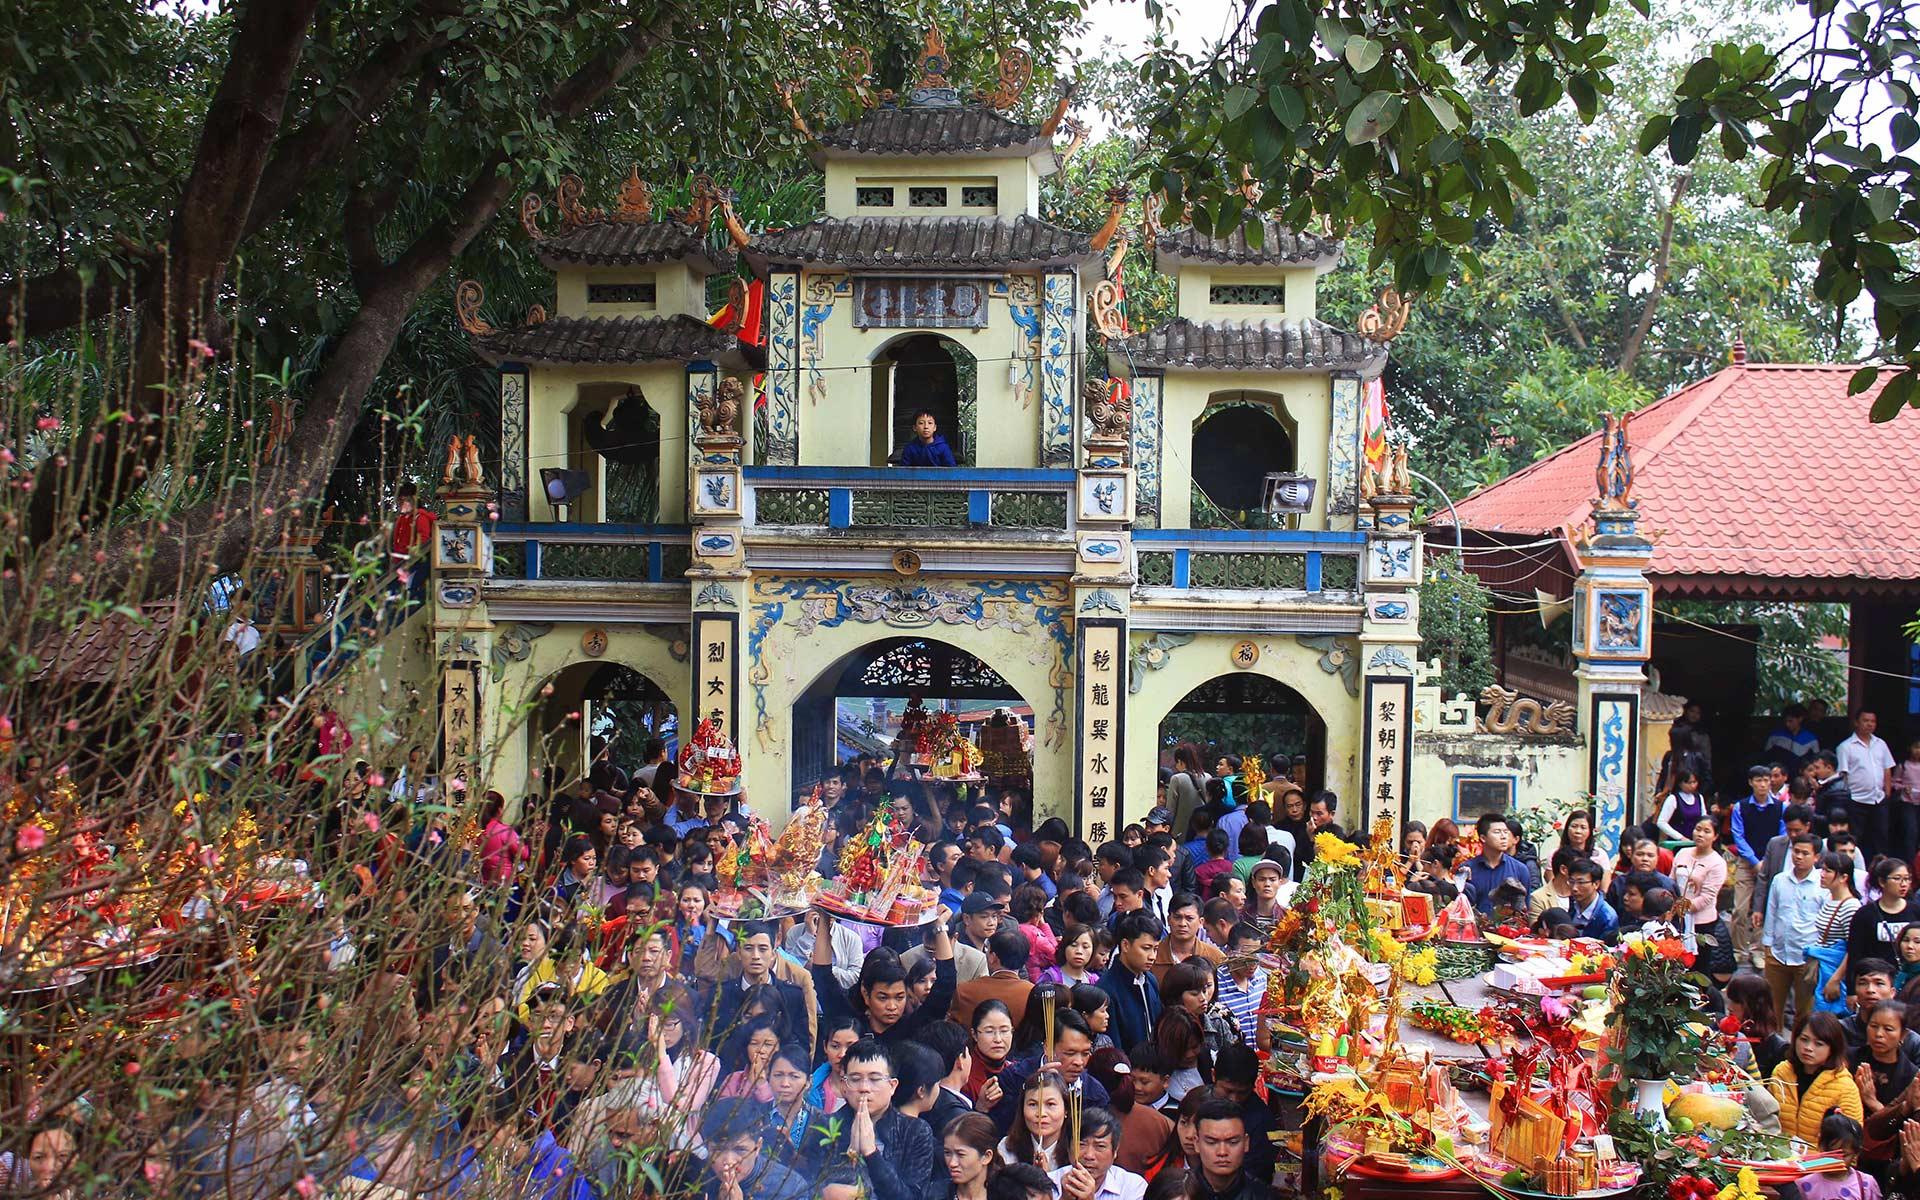 Ba Chua Kho Temple Festival (Bac Ninh)